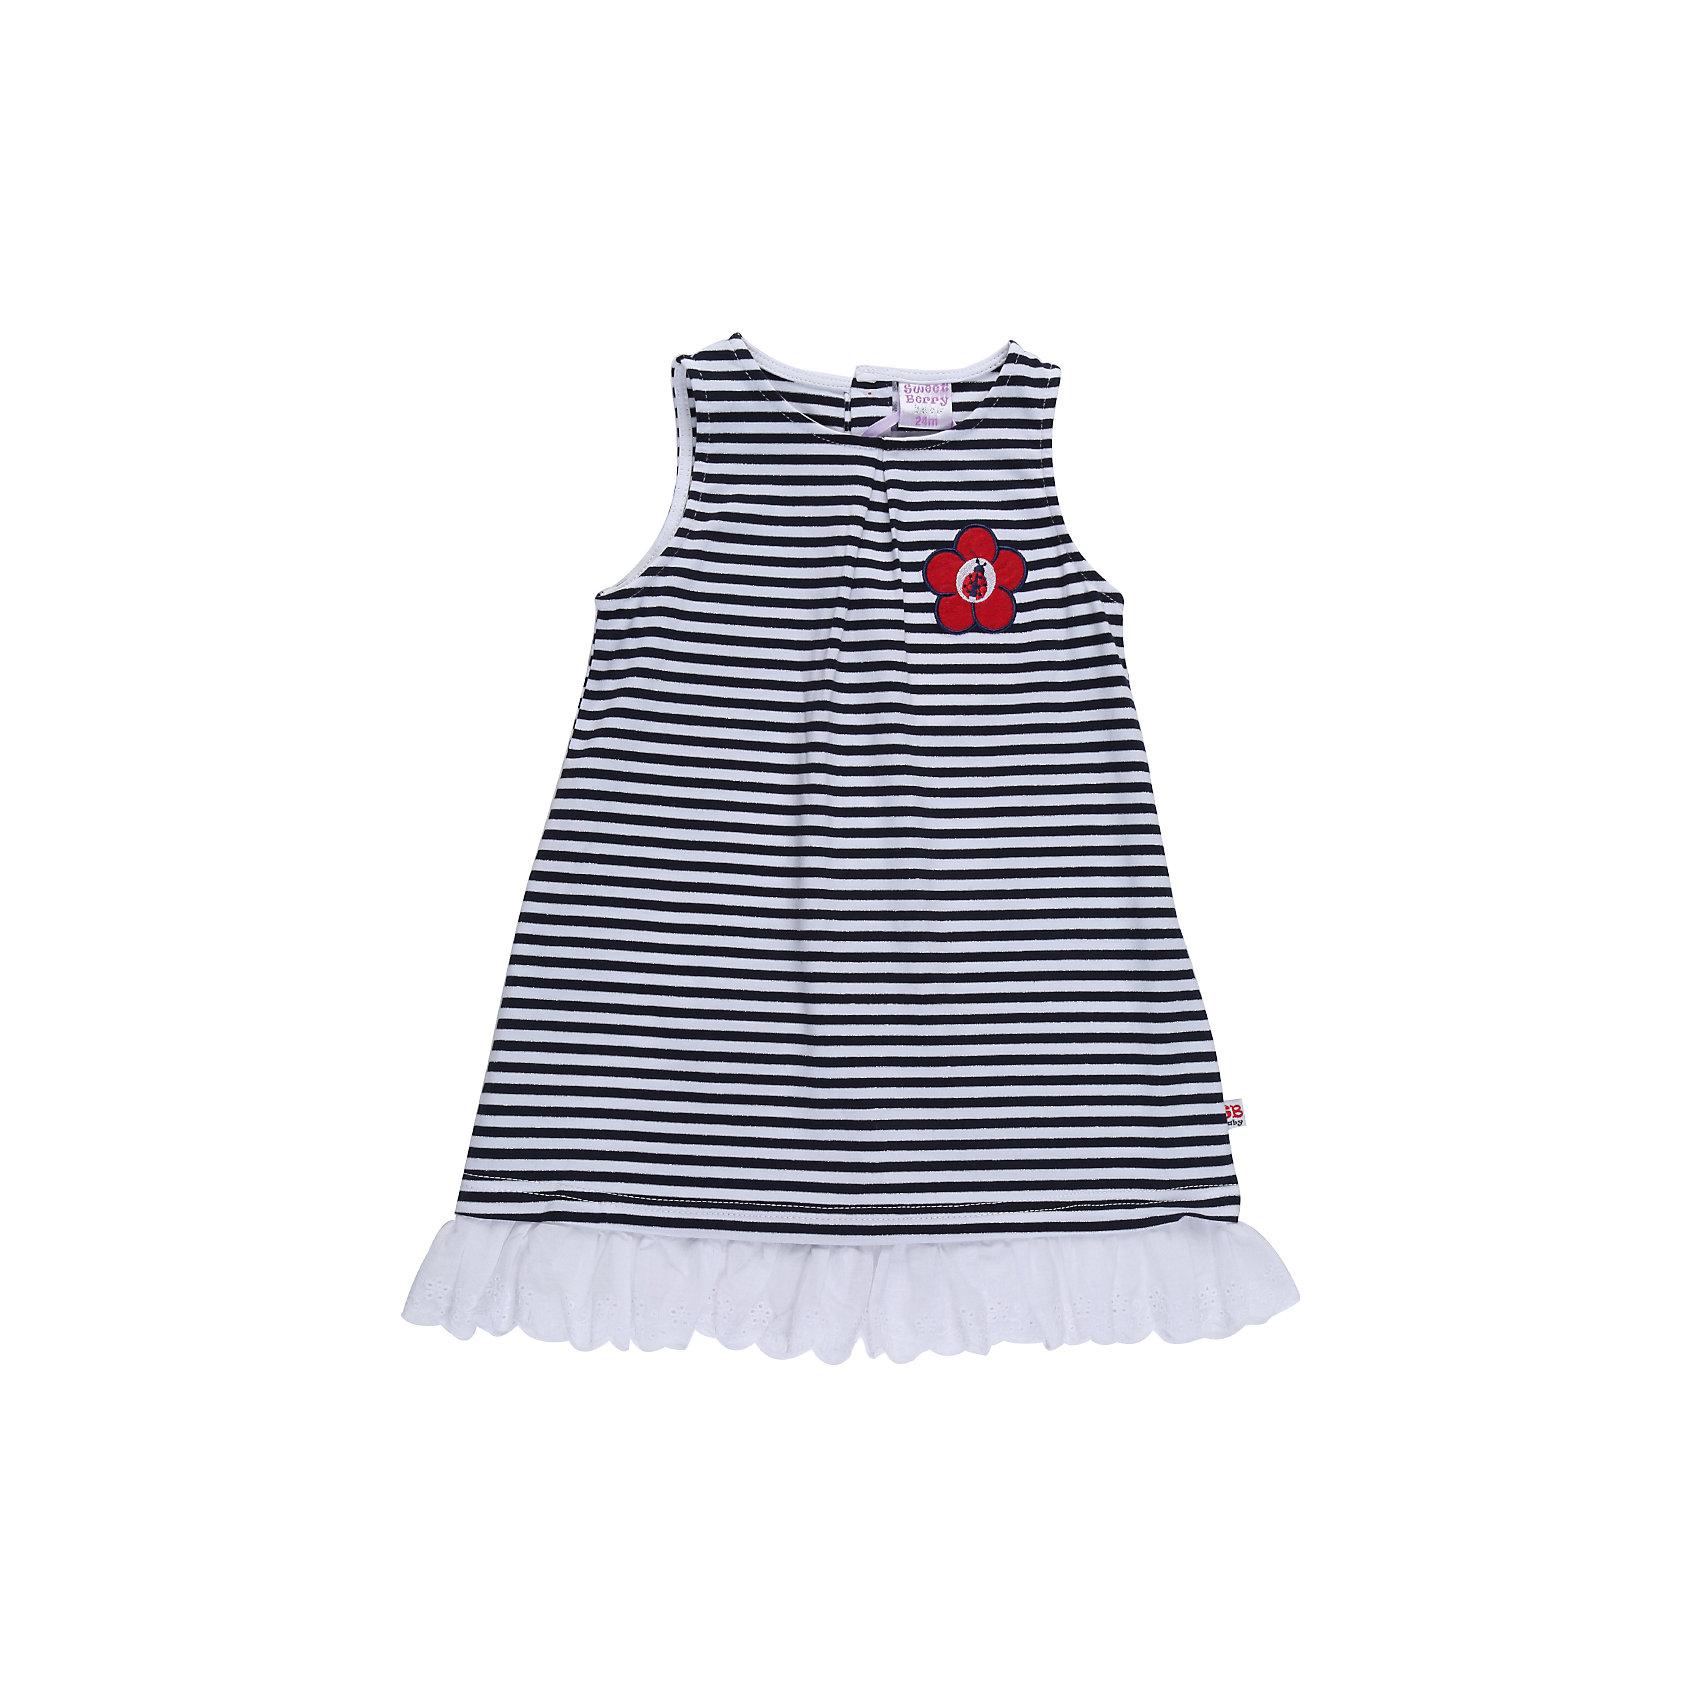 Платье для девочки Sweet BerryПлатья<br>Сарафан А-образного силуэта из трикотажного полотна для девочки. Низ декорирован кружевом.<br>Состав:<br>95%хлопок 5%эластан<br><br>Ширина мм: 236<br>Глубина мм: 16<br>Высота мм: 184<br>Вес г: 177<br>Цвет: разноцветный<br>Возраст от месяцев: 24<br>Возраст до месяцев: 36<br>Пол: Женский<br>Возраст: Детский<br>Размер: 98,80,86,92<br>SKU: 5411038